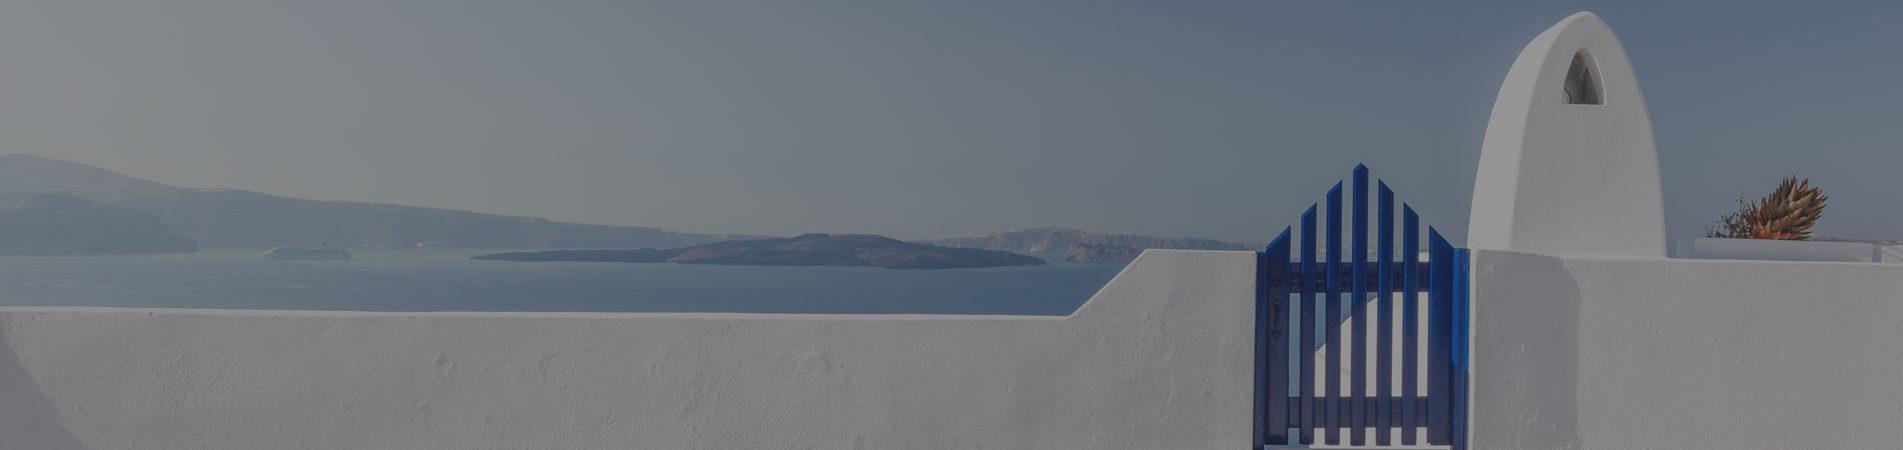 Greece Wide